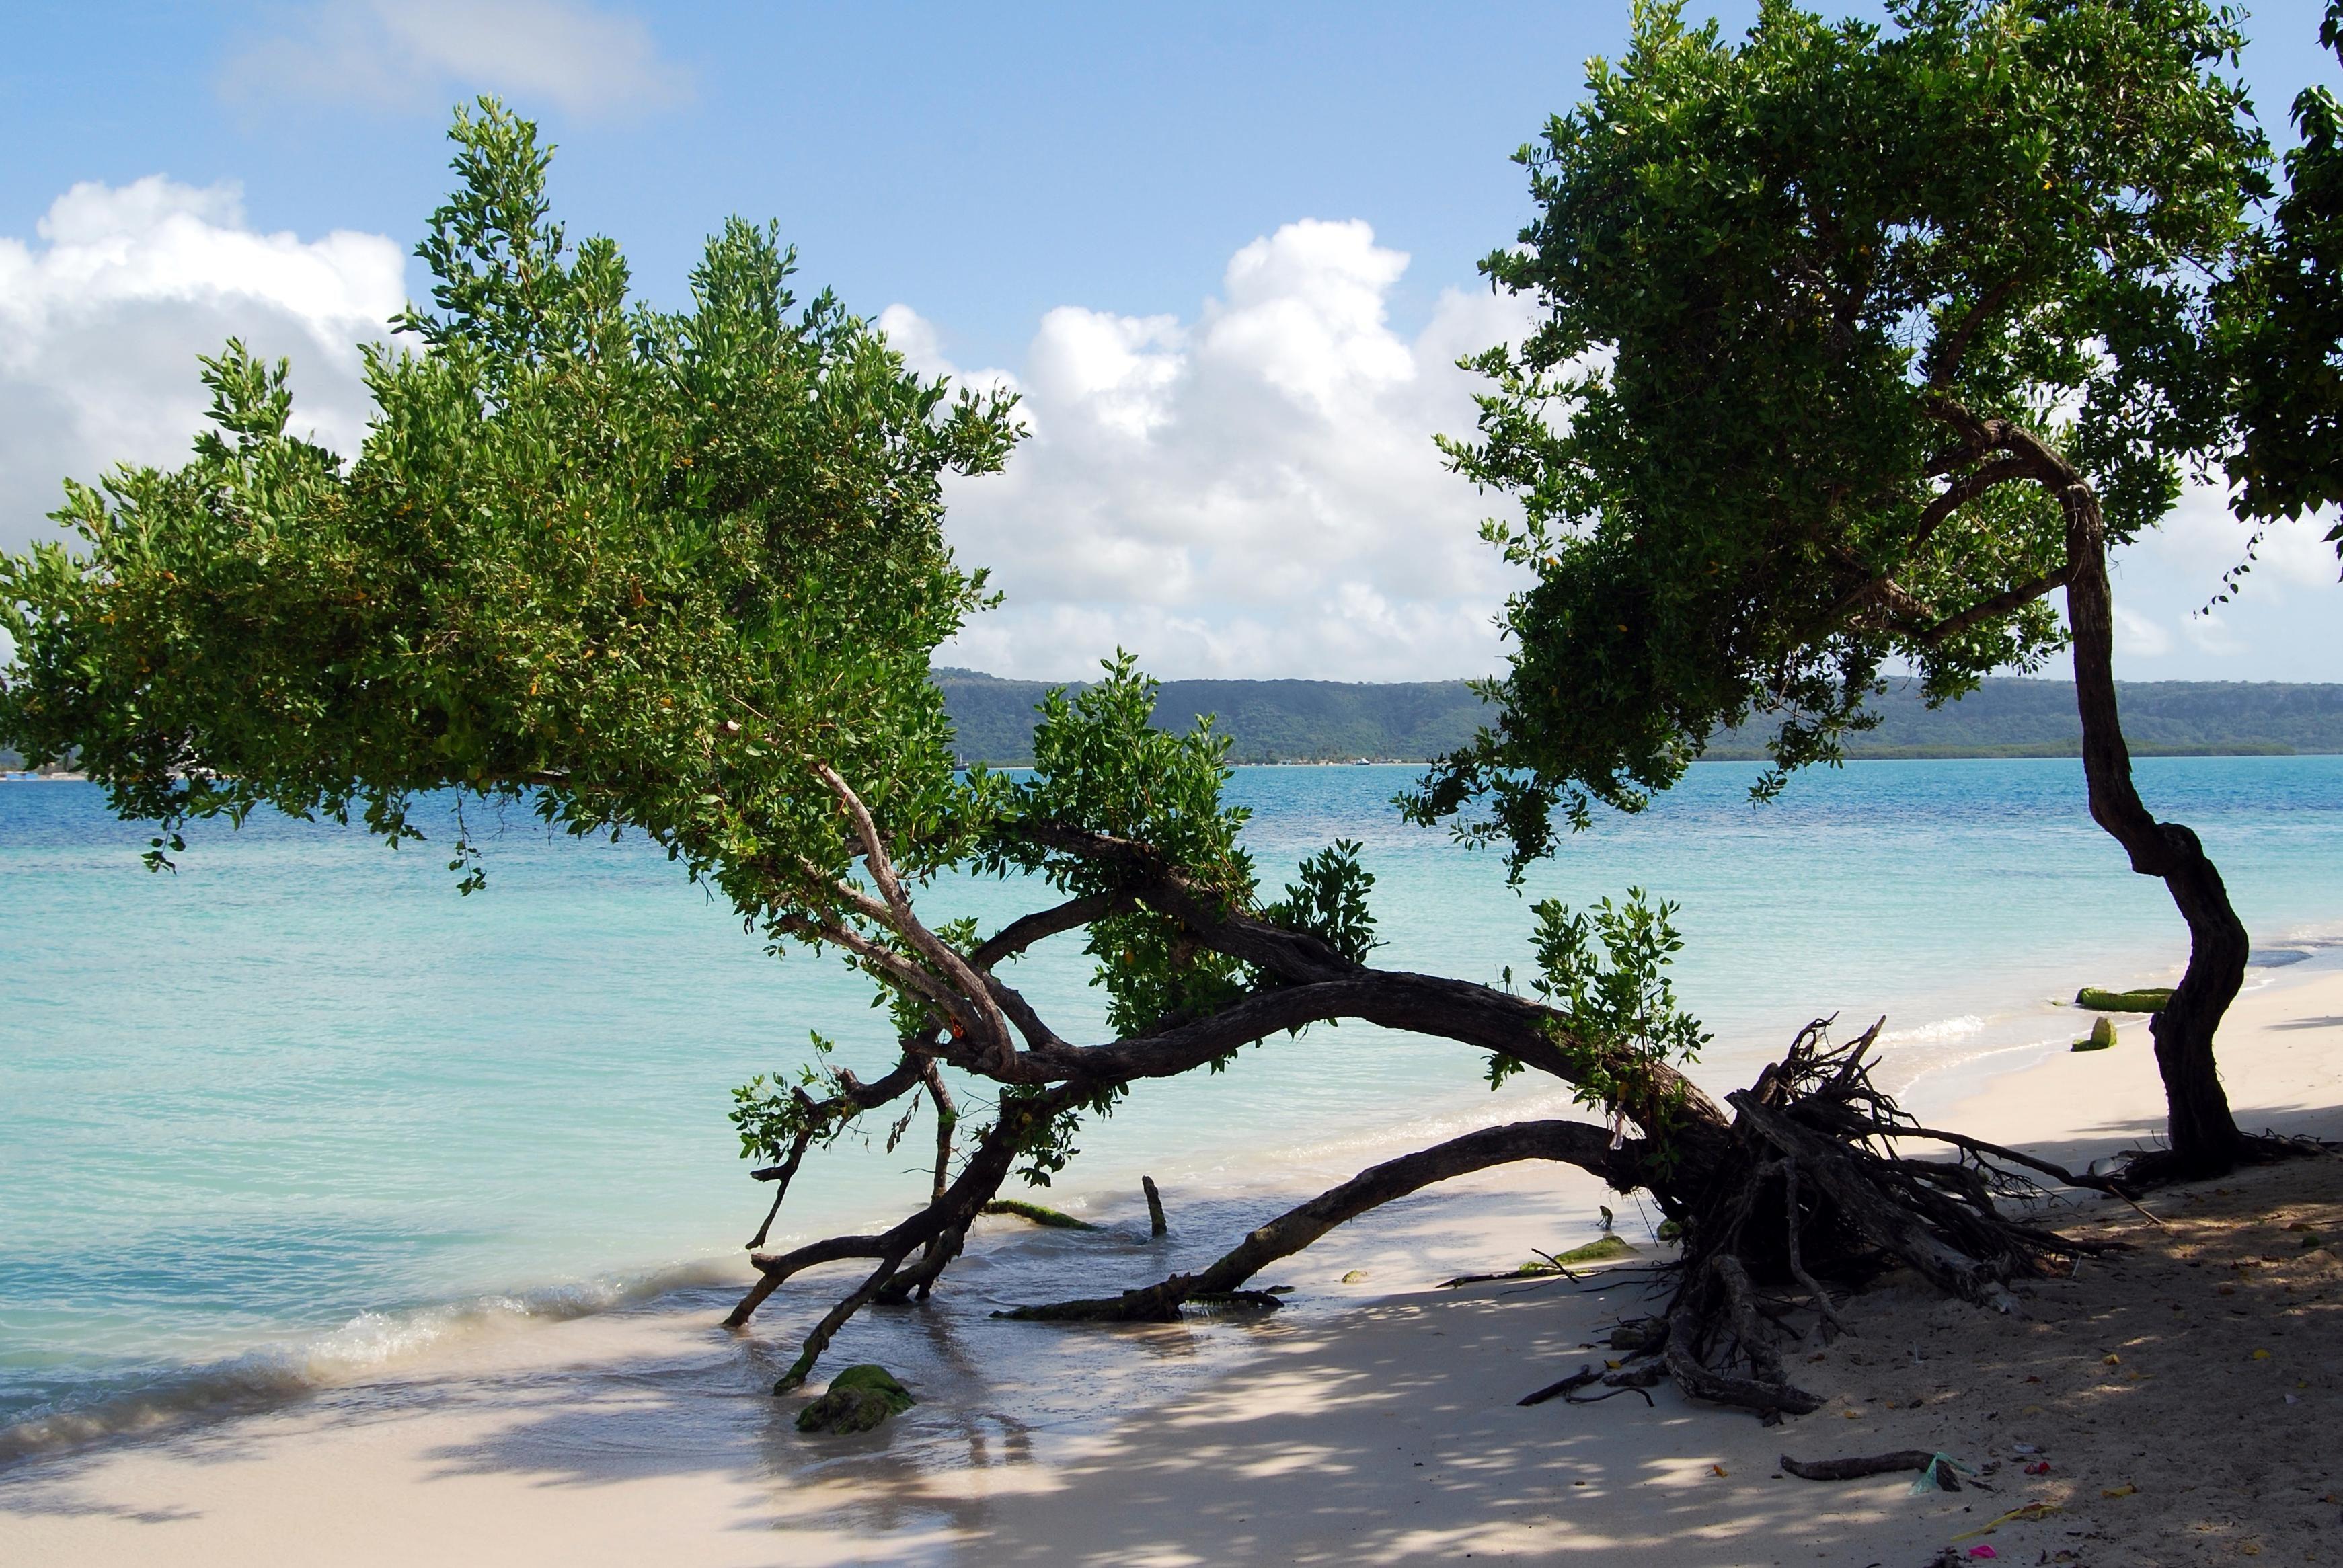 660 Koleksi gambar pemandangan pantai alam Terbaru